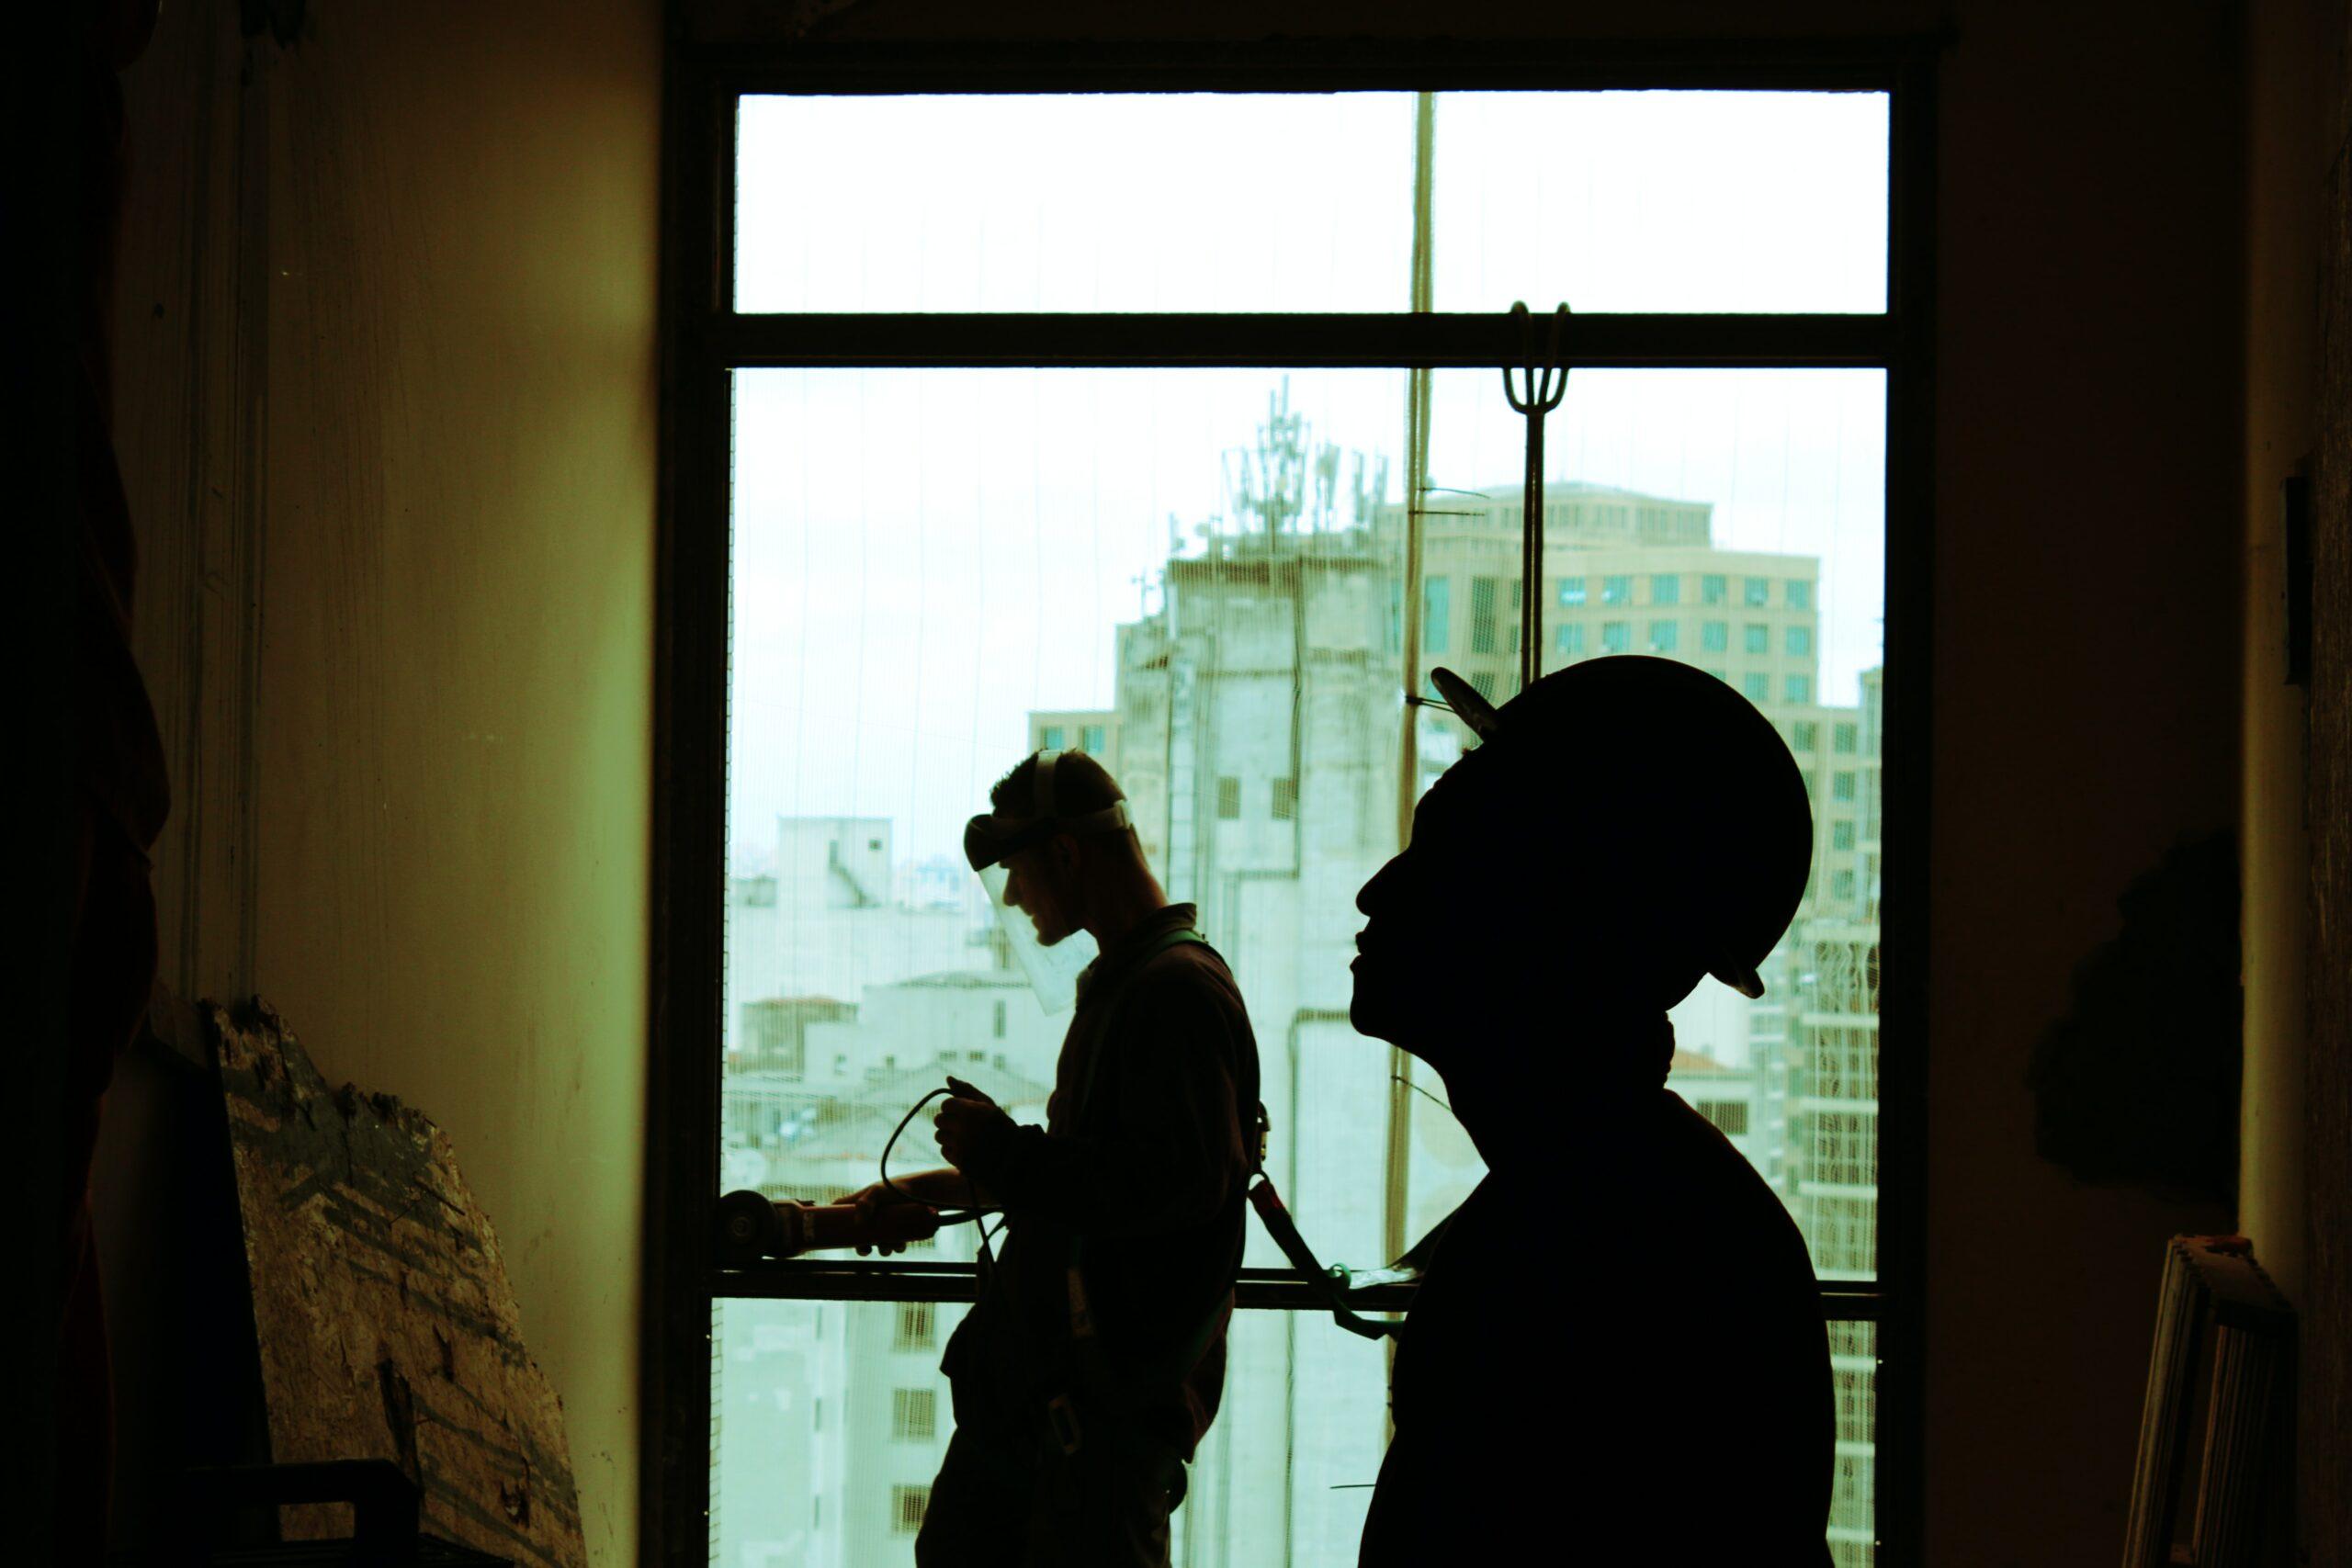 Des ouvriers équipés contre les dangers